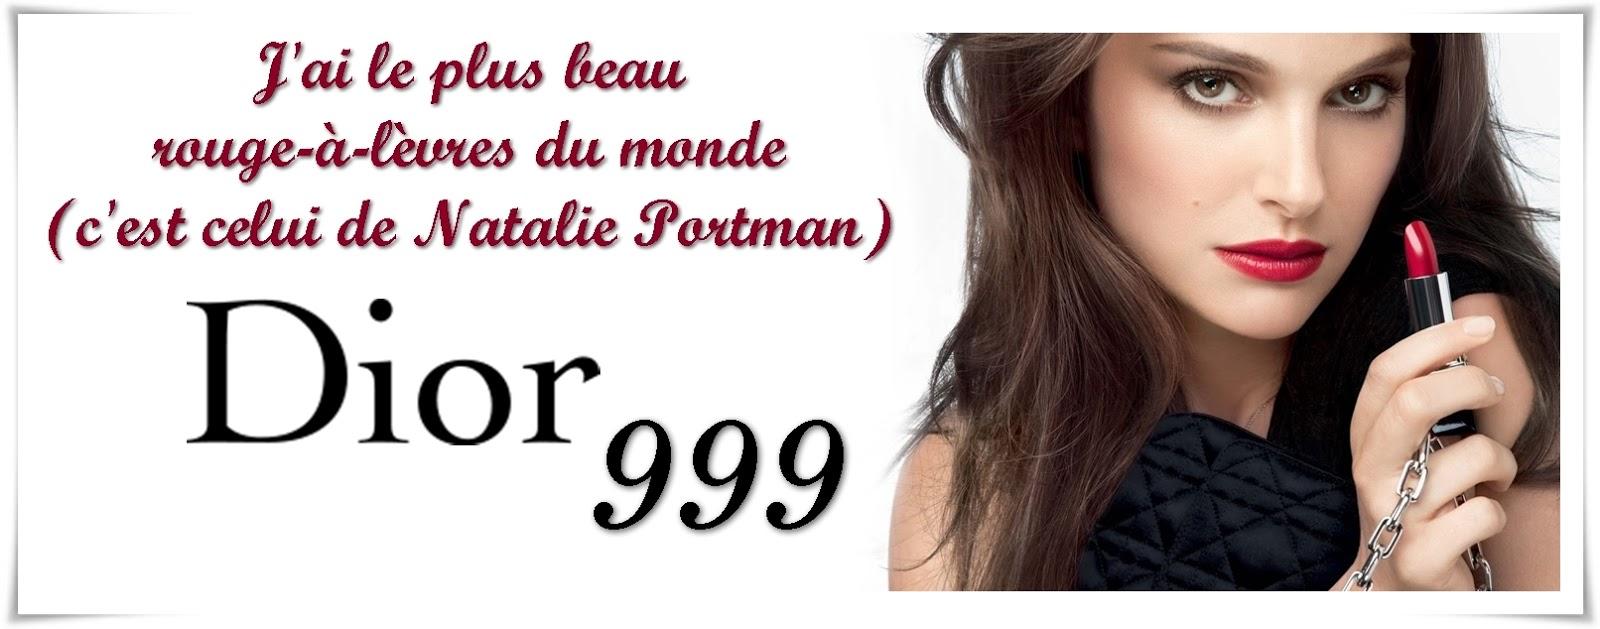 Bien-aimé GoldenWendy - Le Blog: J'ai le plus beau rouge à lèvres du monde  VS33